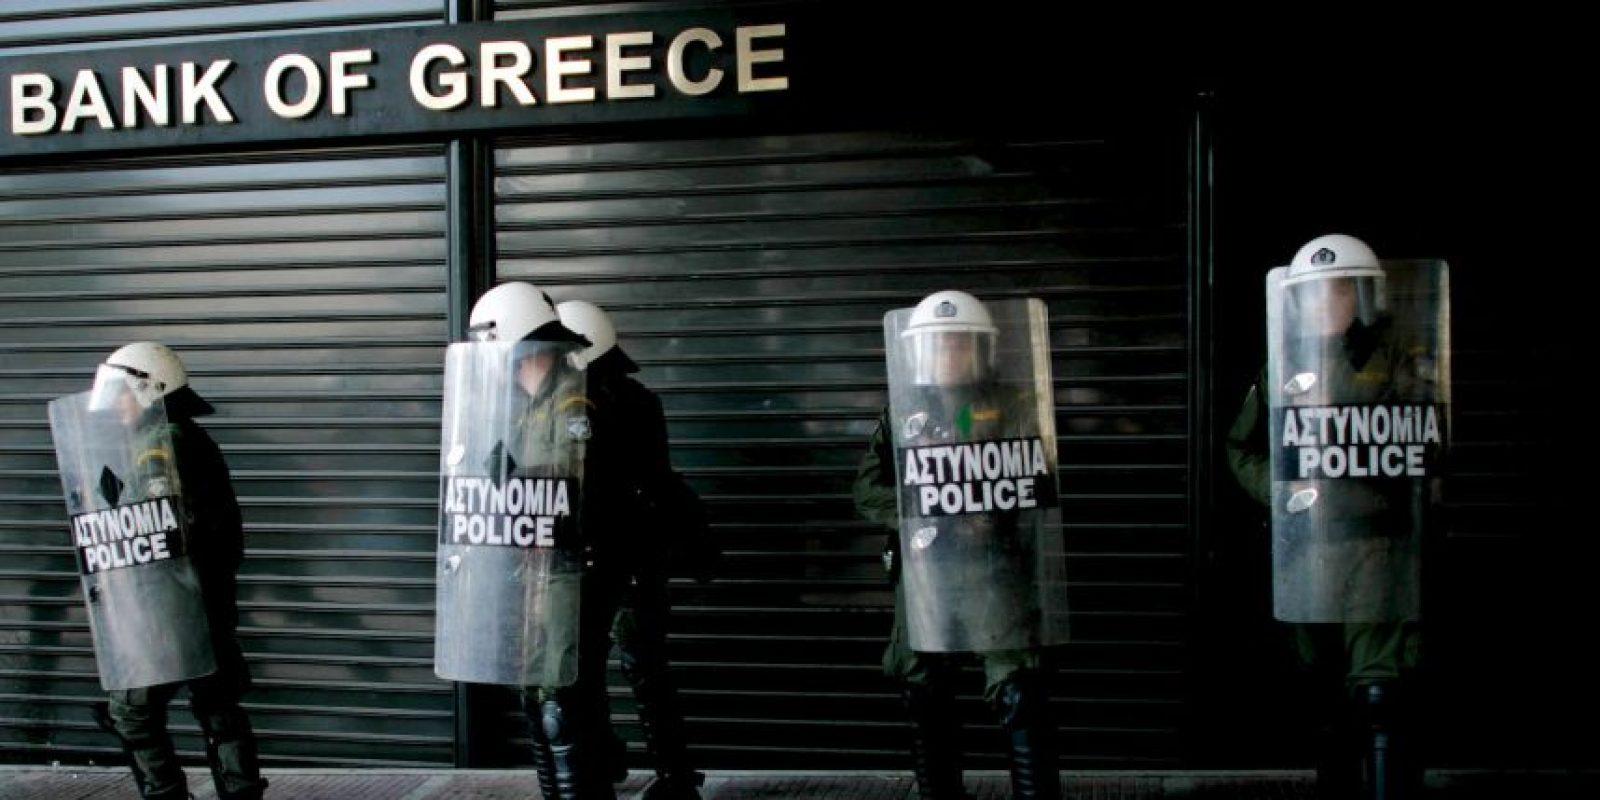 Grecia, sin acceso a los mercados financieros por la deuda, pide ayuda internacional Foto:Getty Images